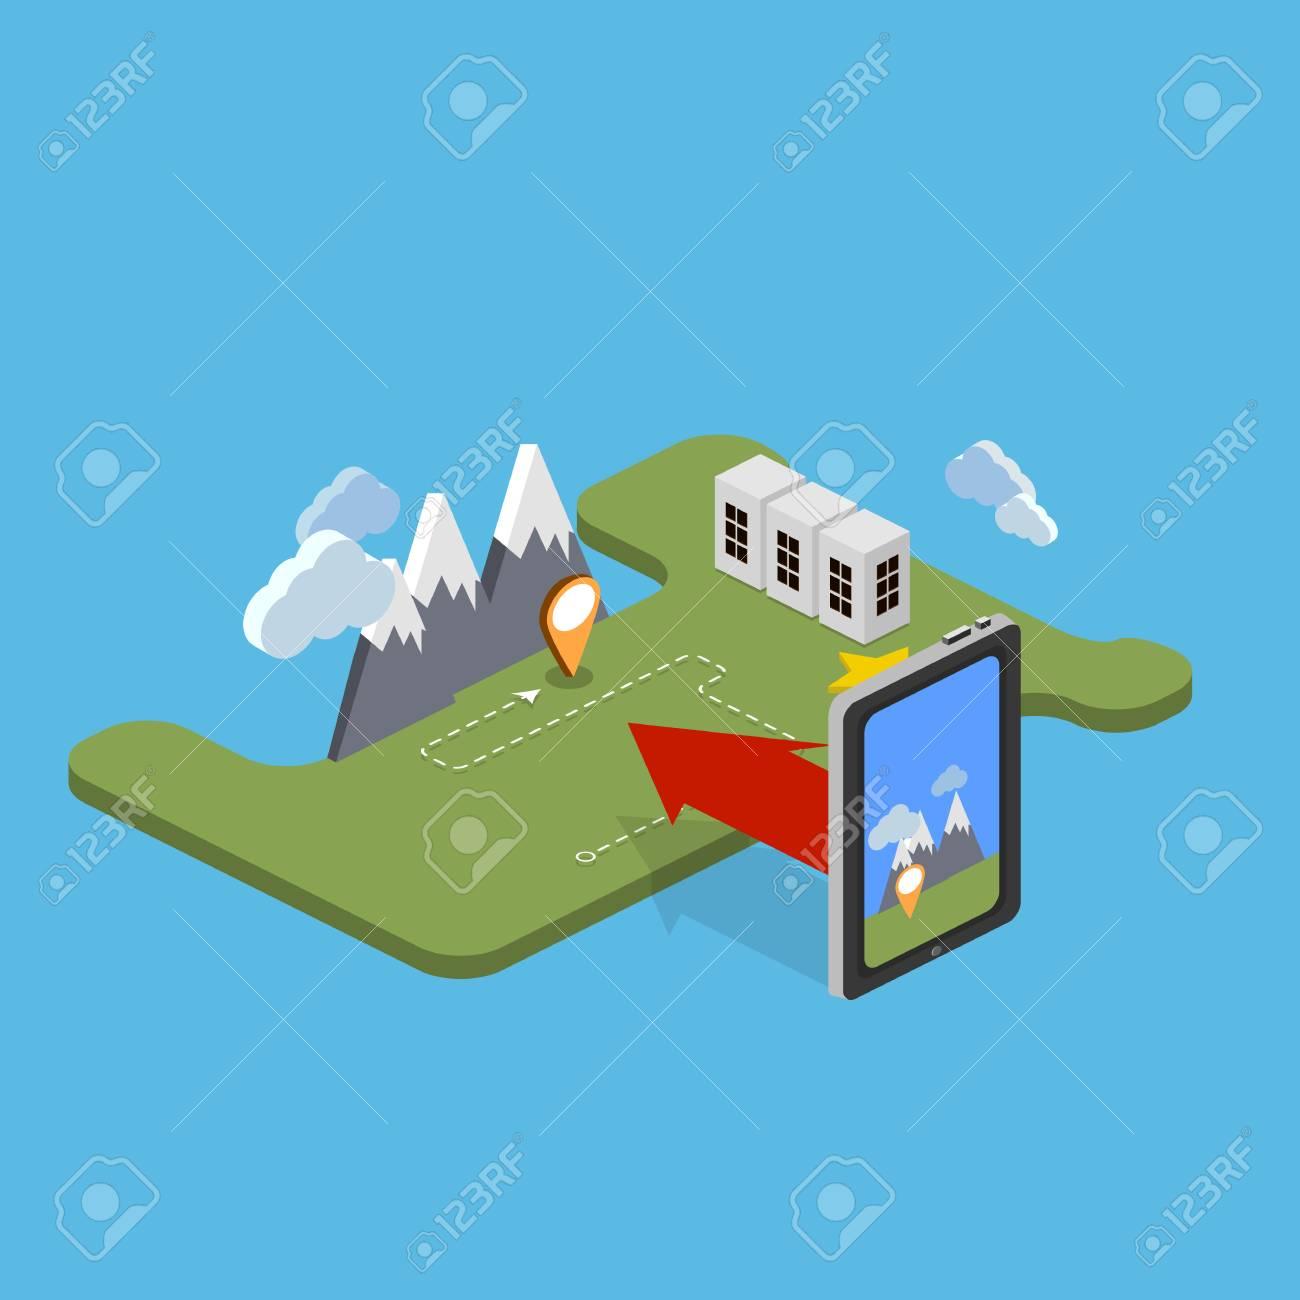 Camping Voyage Vacances Actives En Plein Air Plat 3d Isométrique Pixel Art Concept De Design Moderne